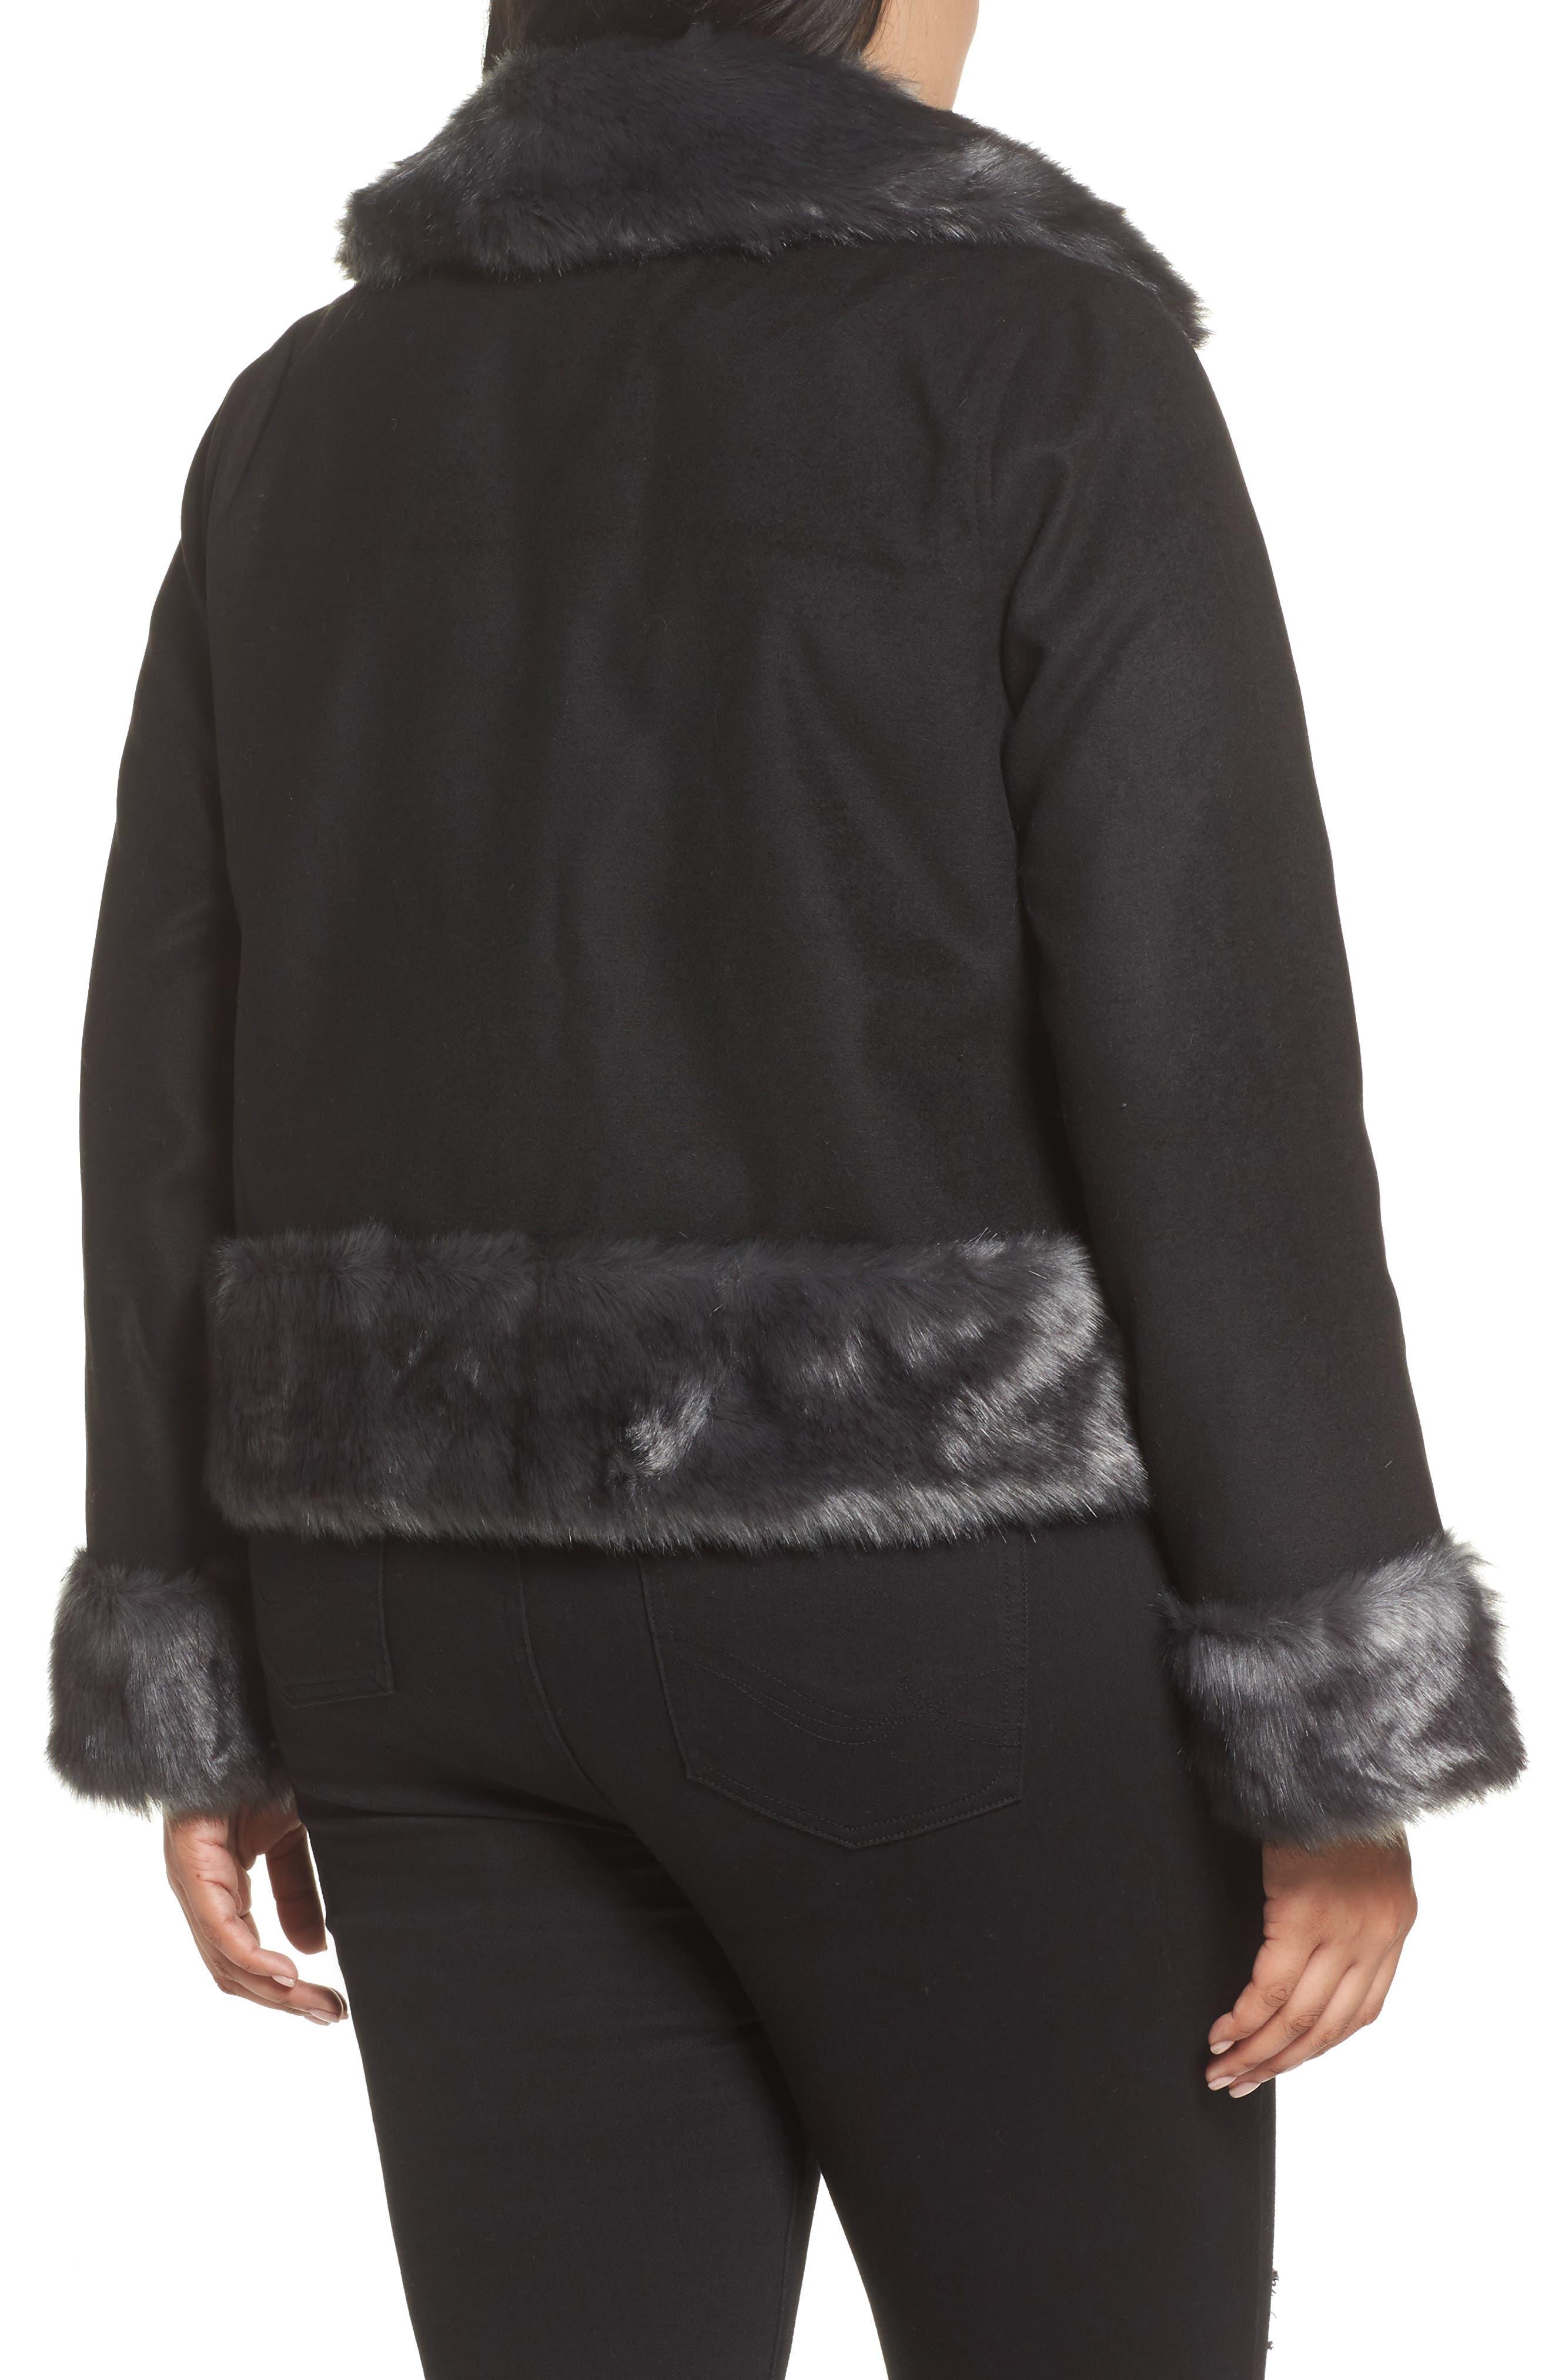 Jacket with Faux Fur Trim,                             Alternate thumbnail 2, color,                             Black